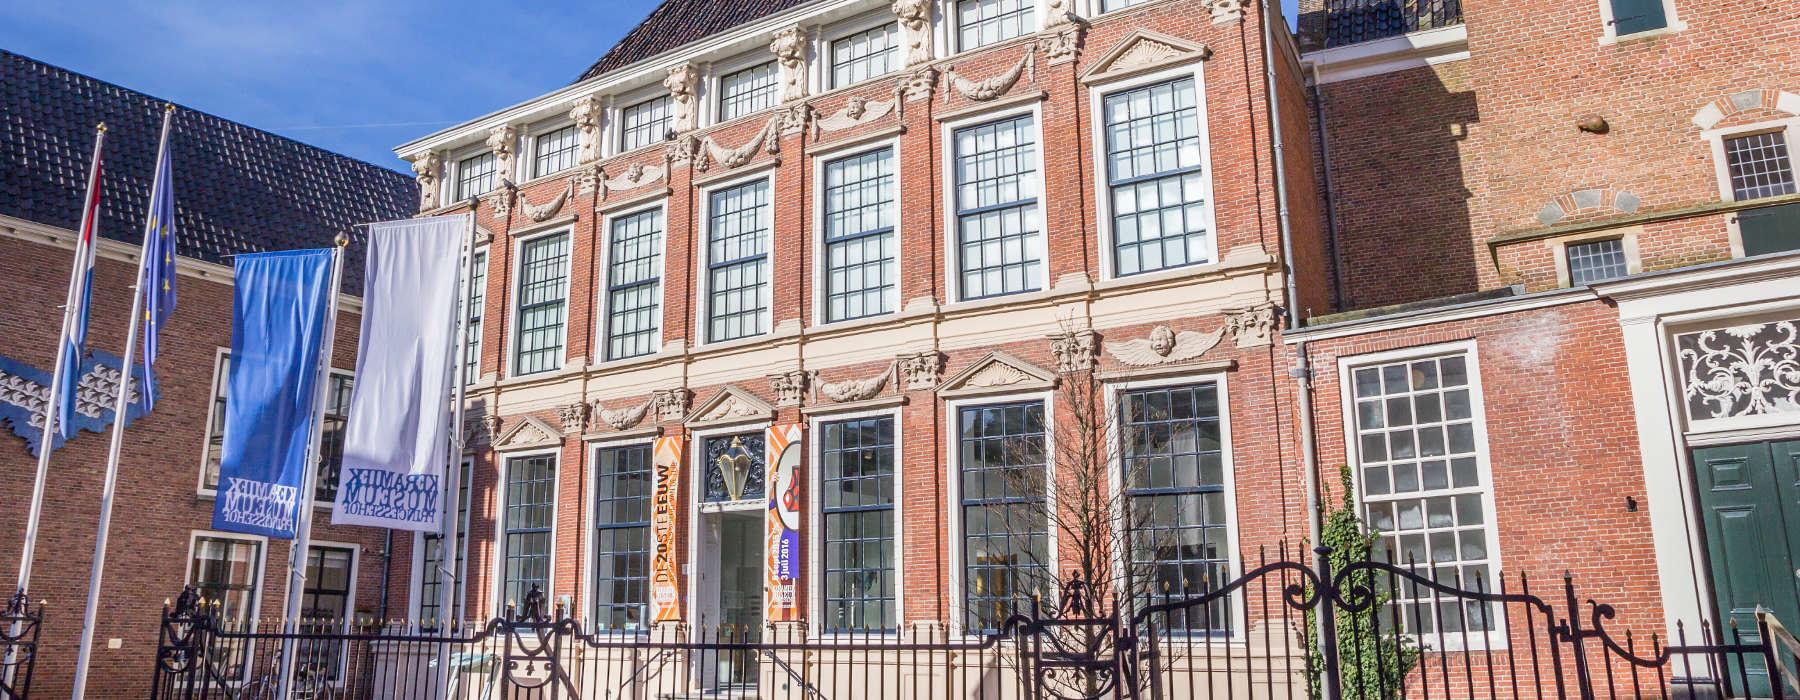 FNP nijs kultuer 1 keramiekmuseum